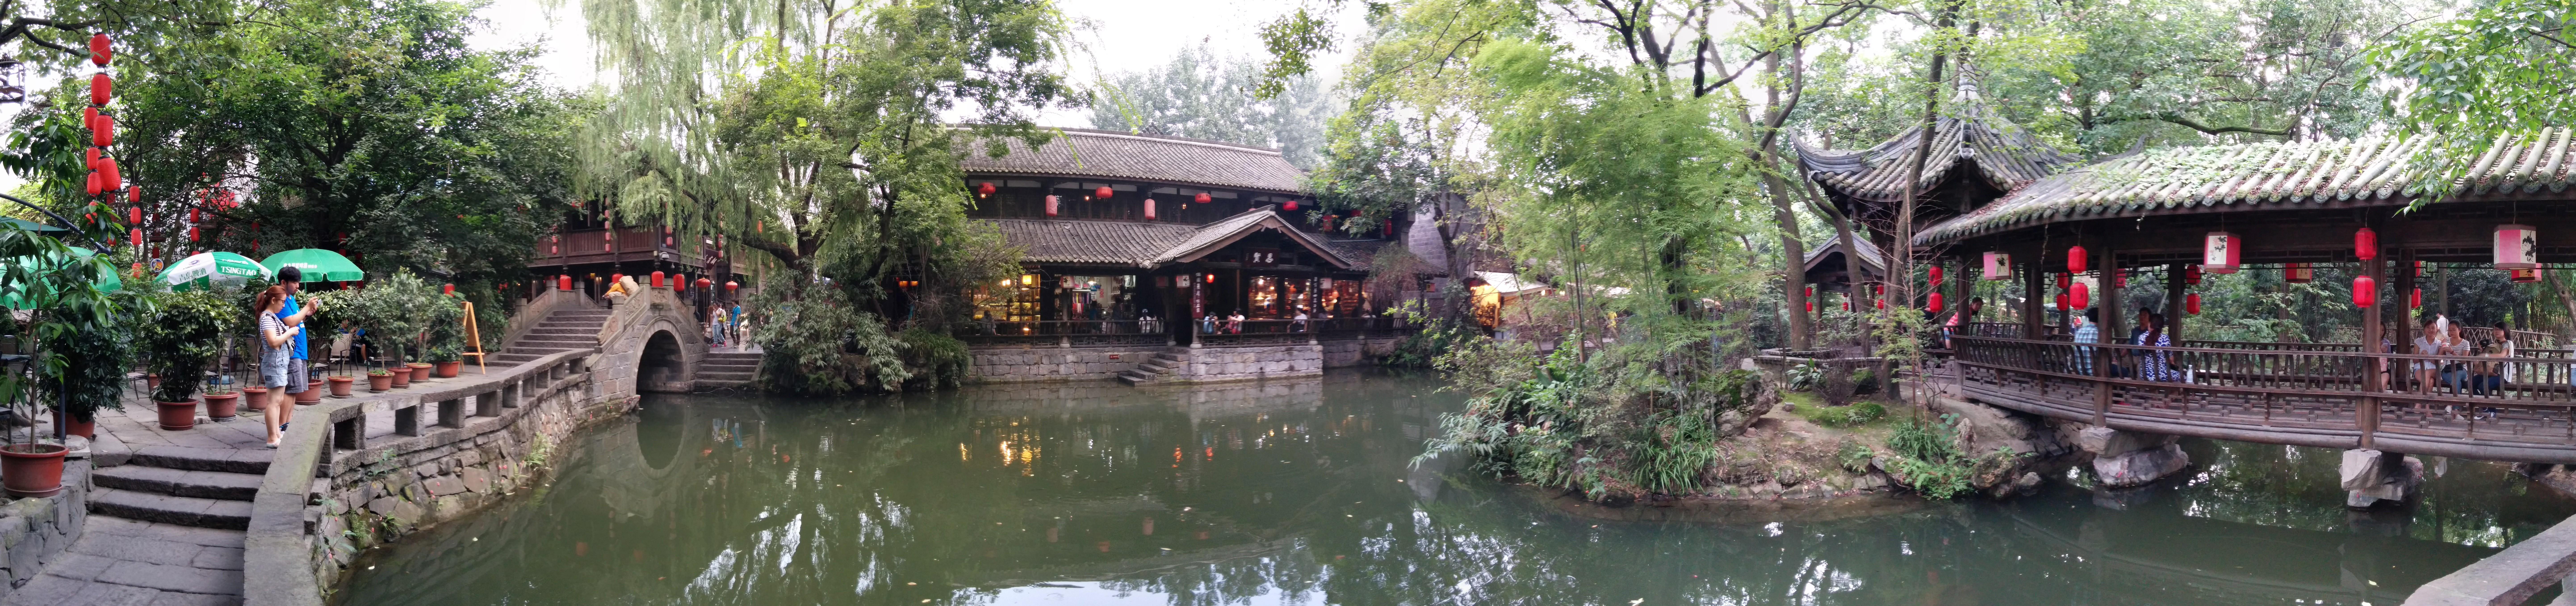 Lake in Jinli